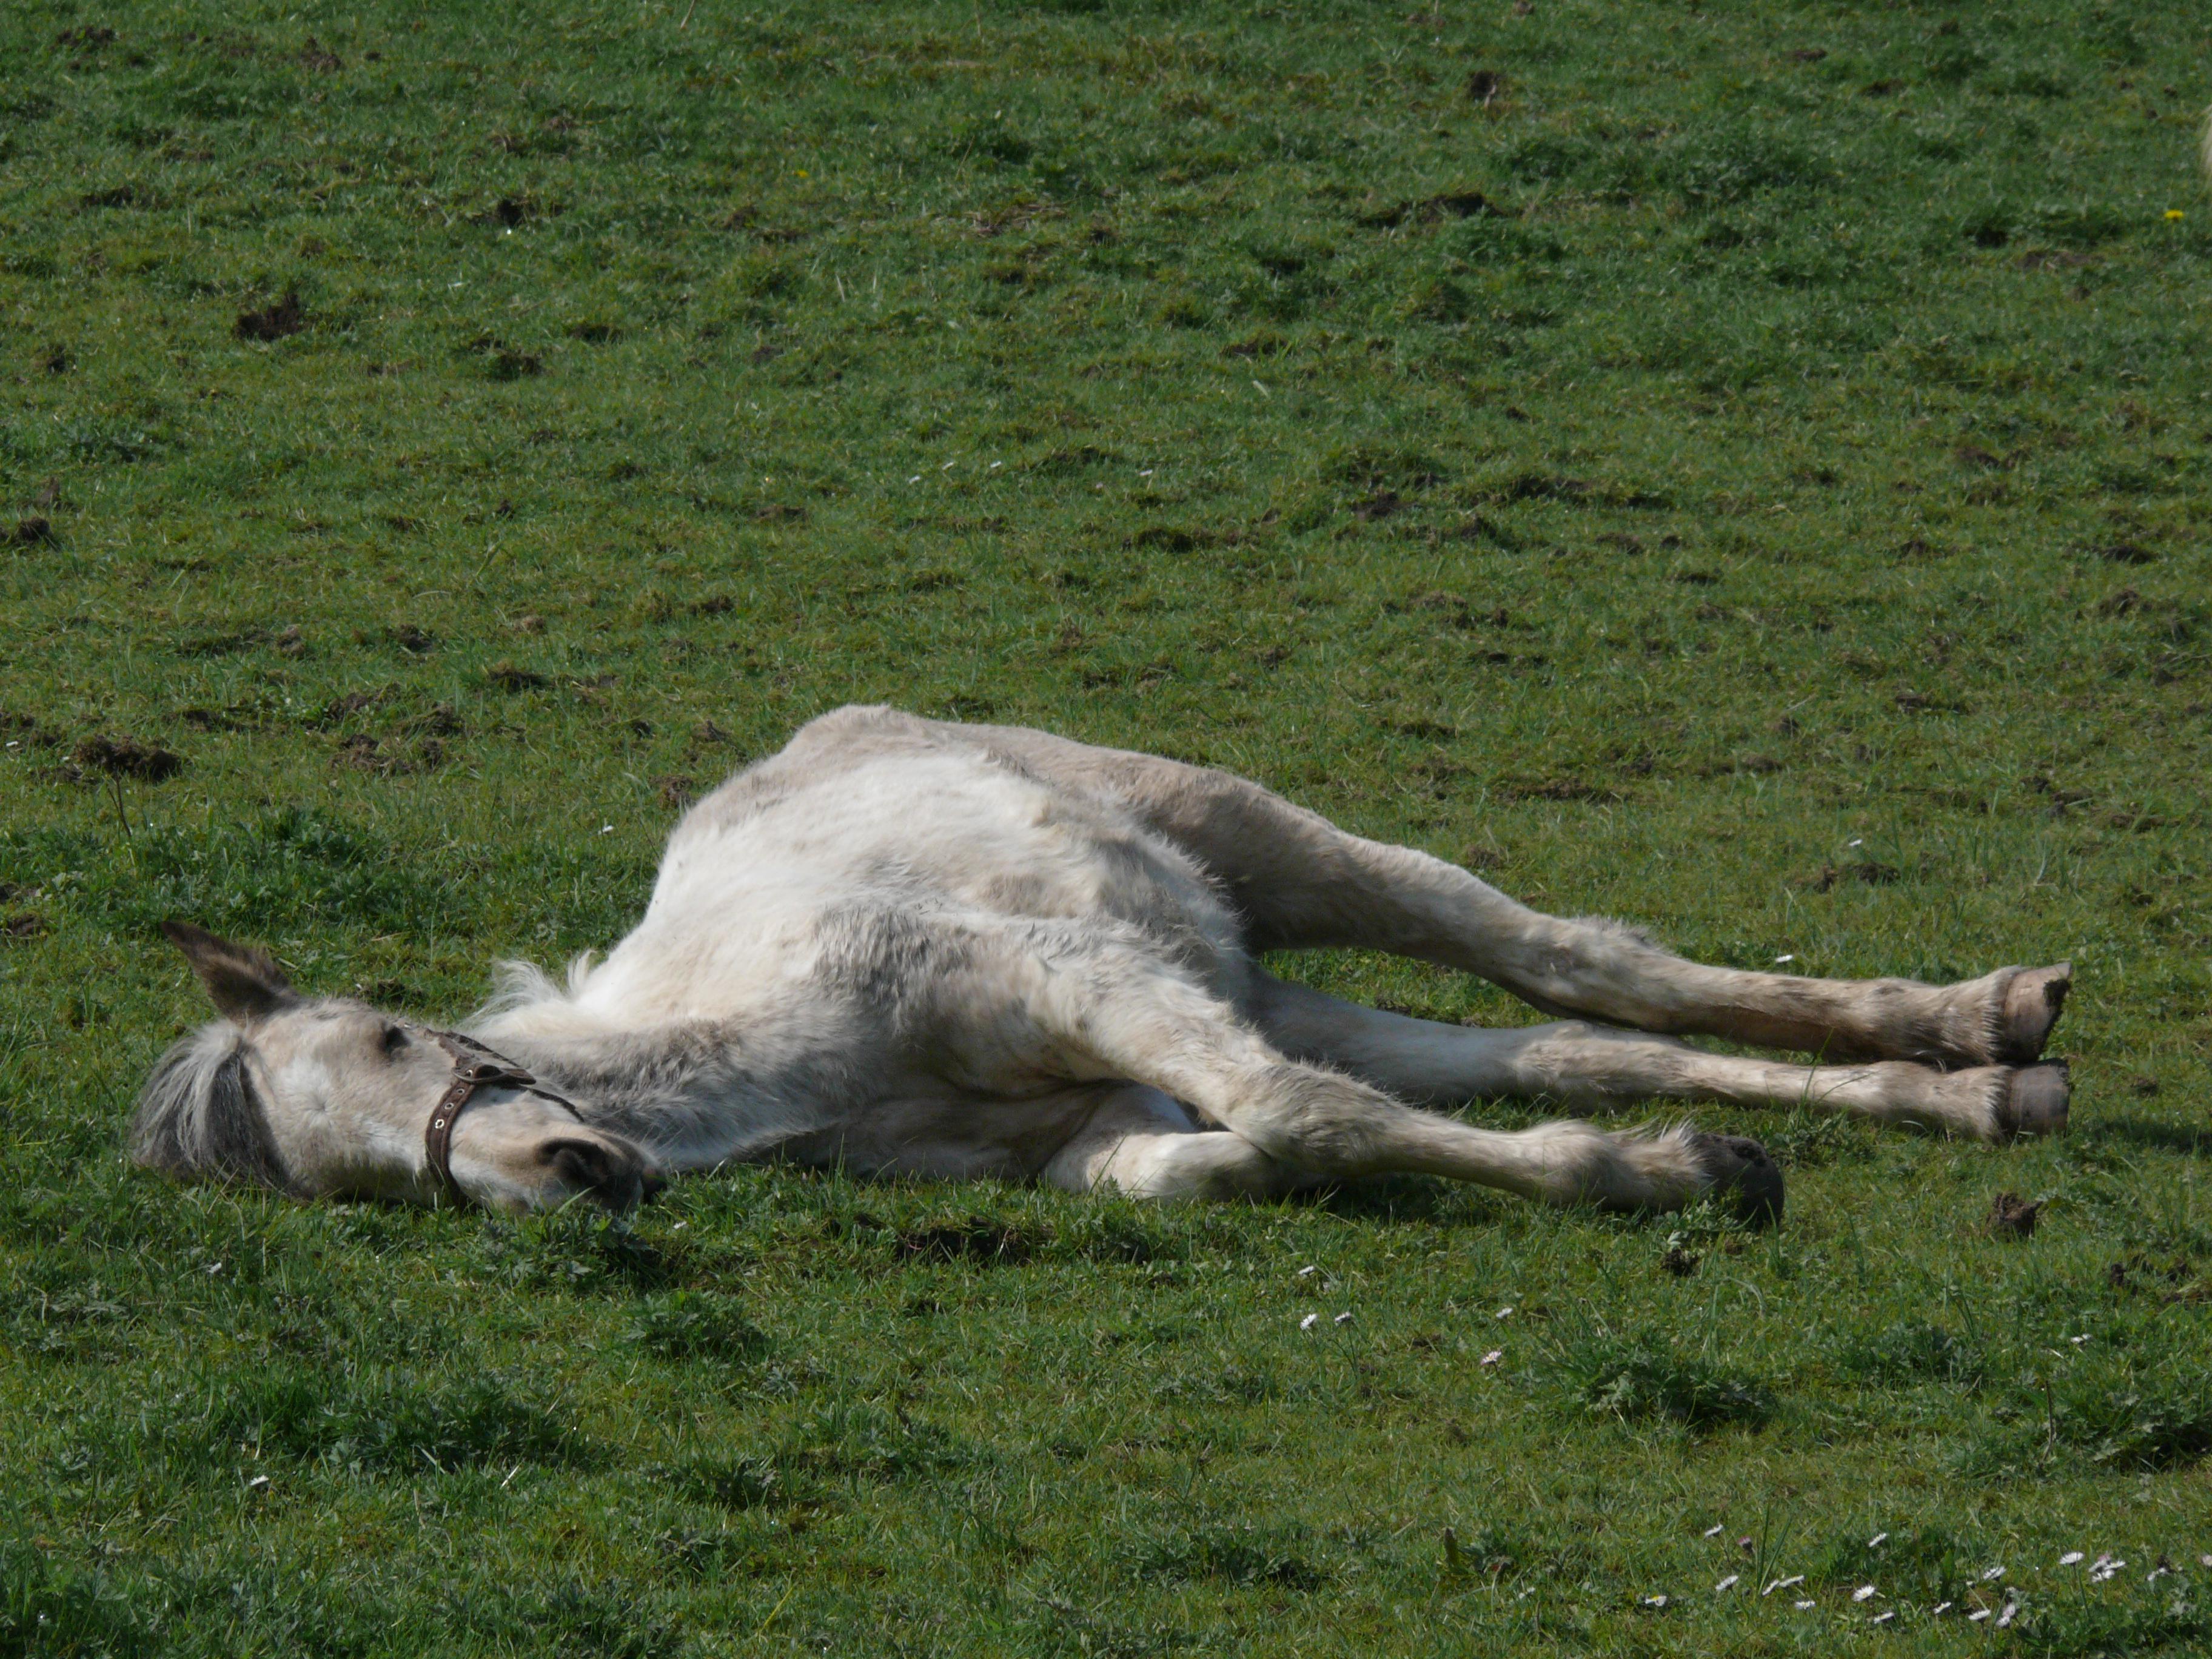 File:Grey horse lying down in field.jpg - Wikimedia Commons